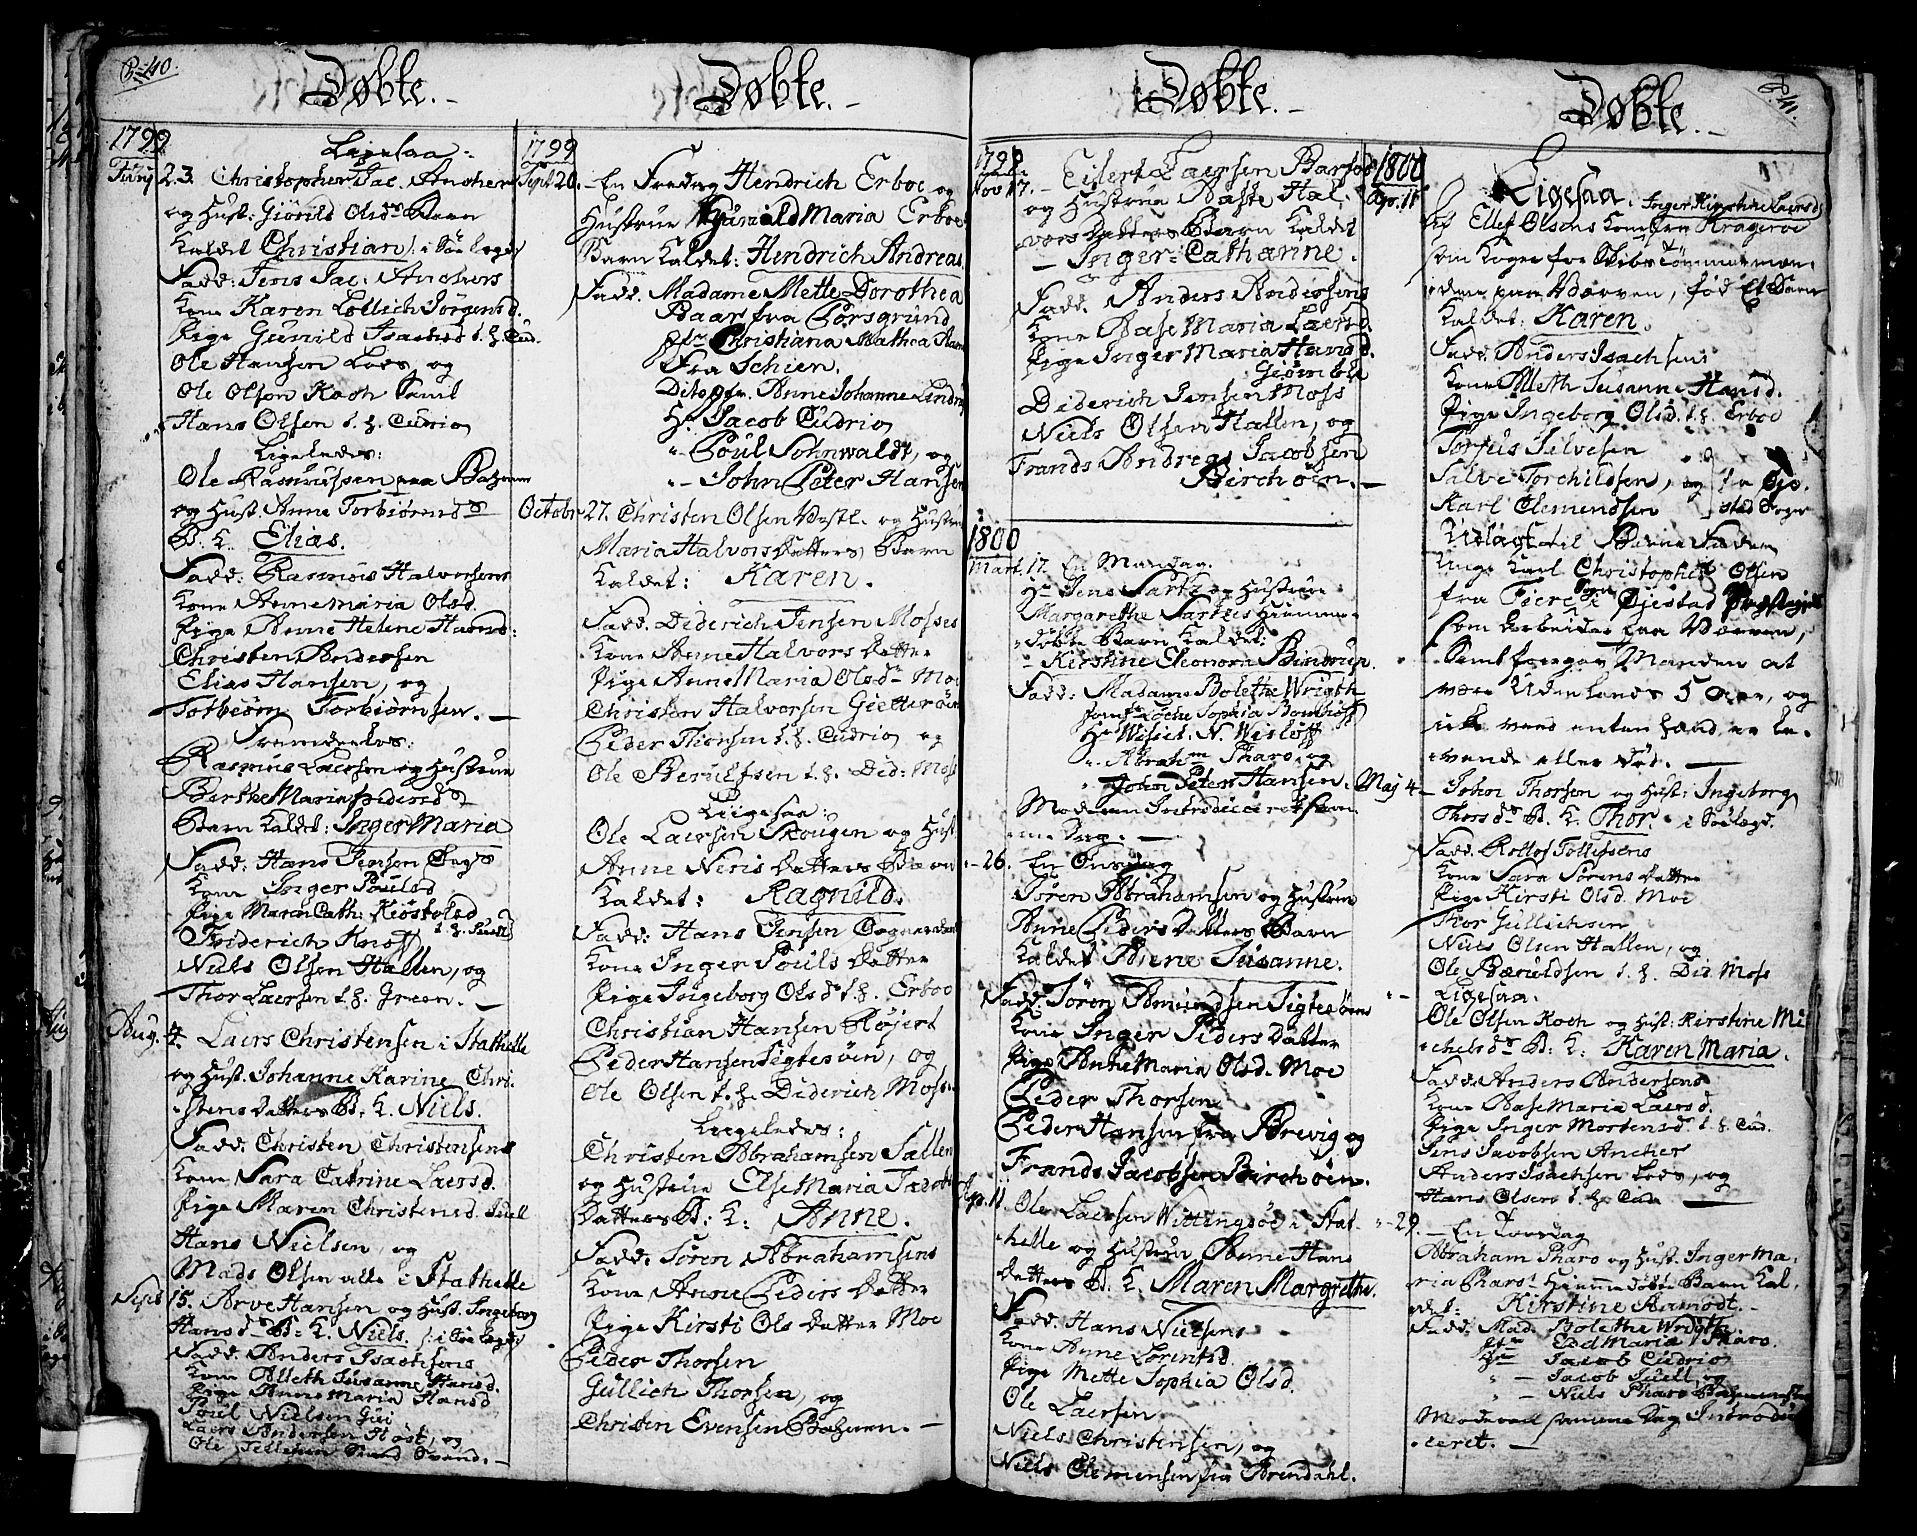 SAKO, Langesund kirkebøker, G/Ga/L0001: Klokkerbok nr. 1, 1783-1801, s. 40-41